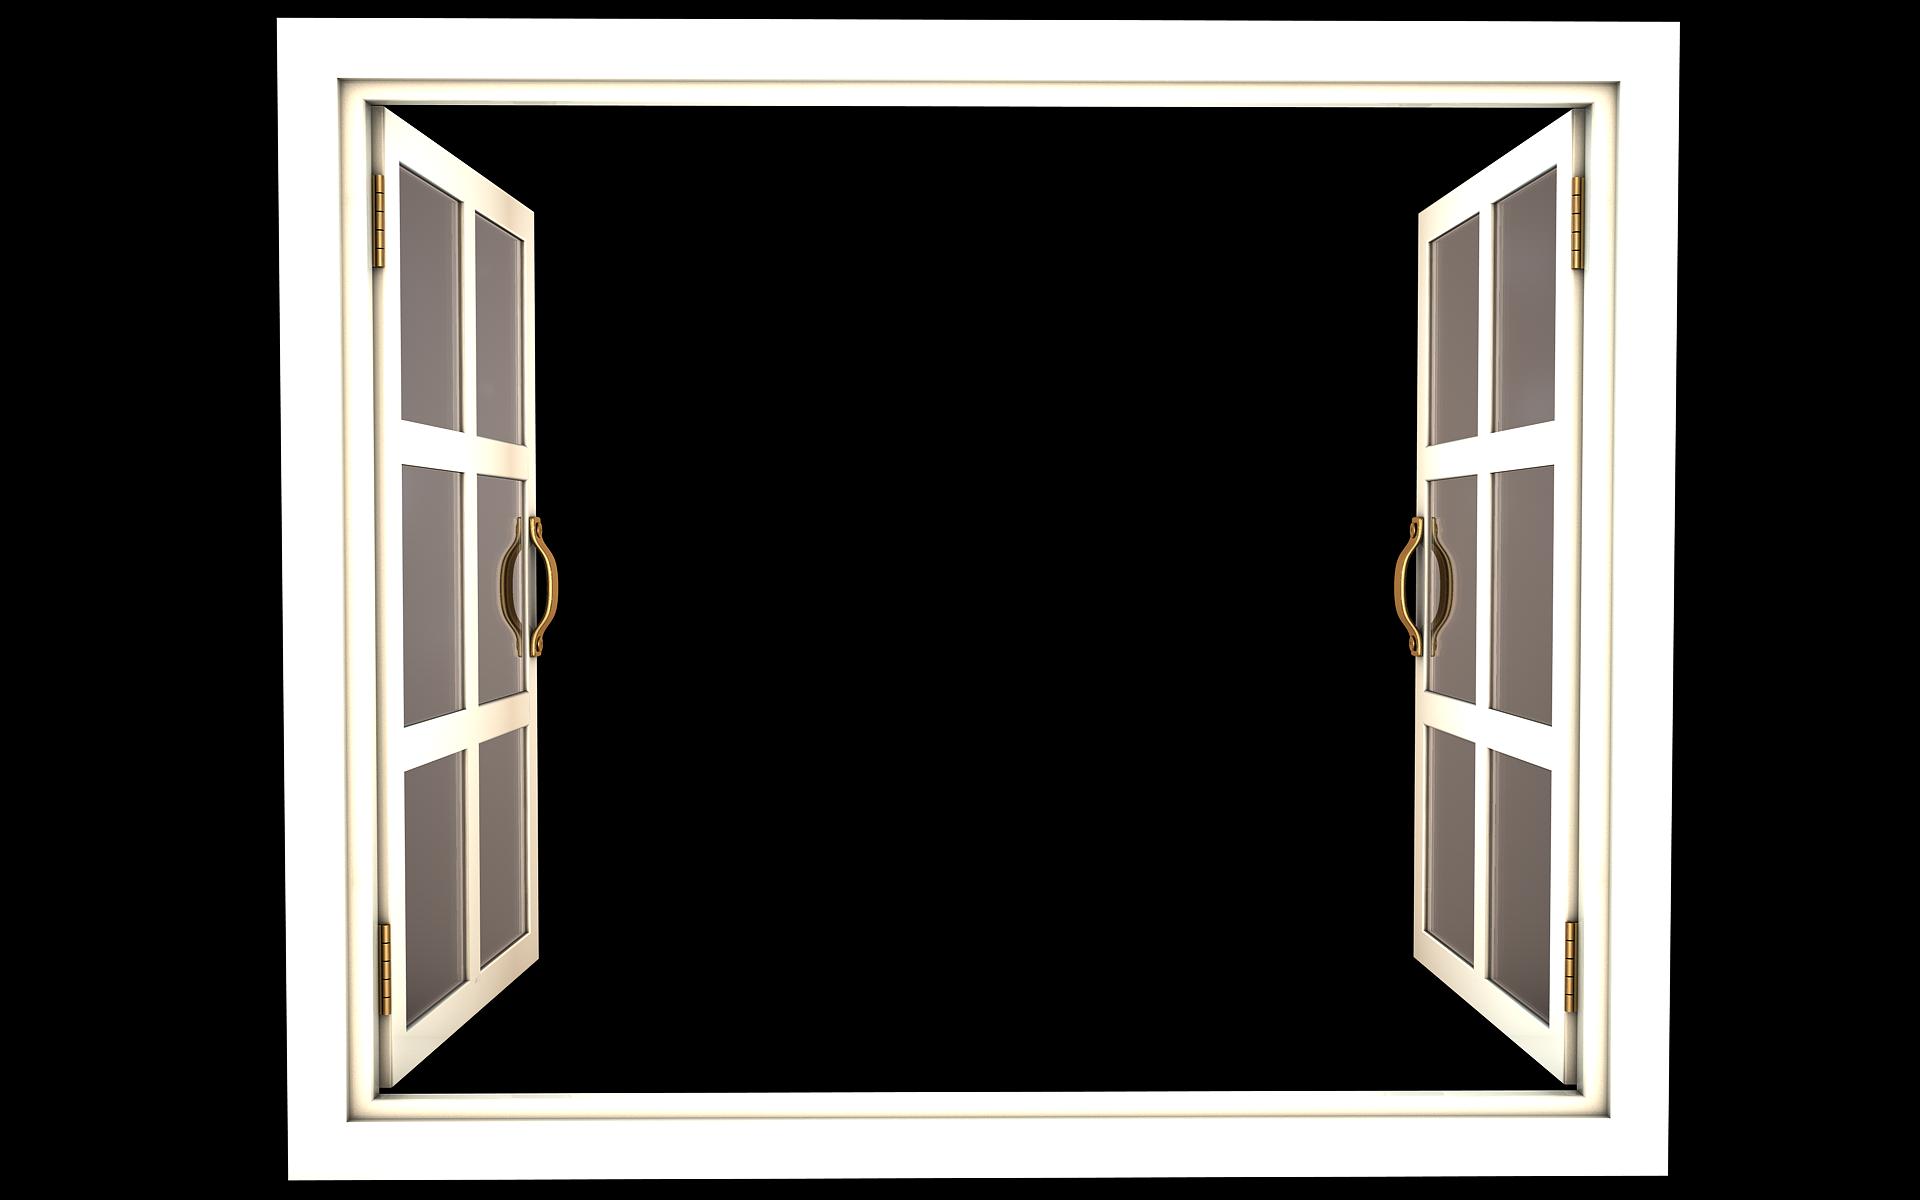 Window HD PNG - 91232